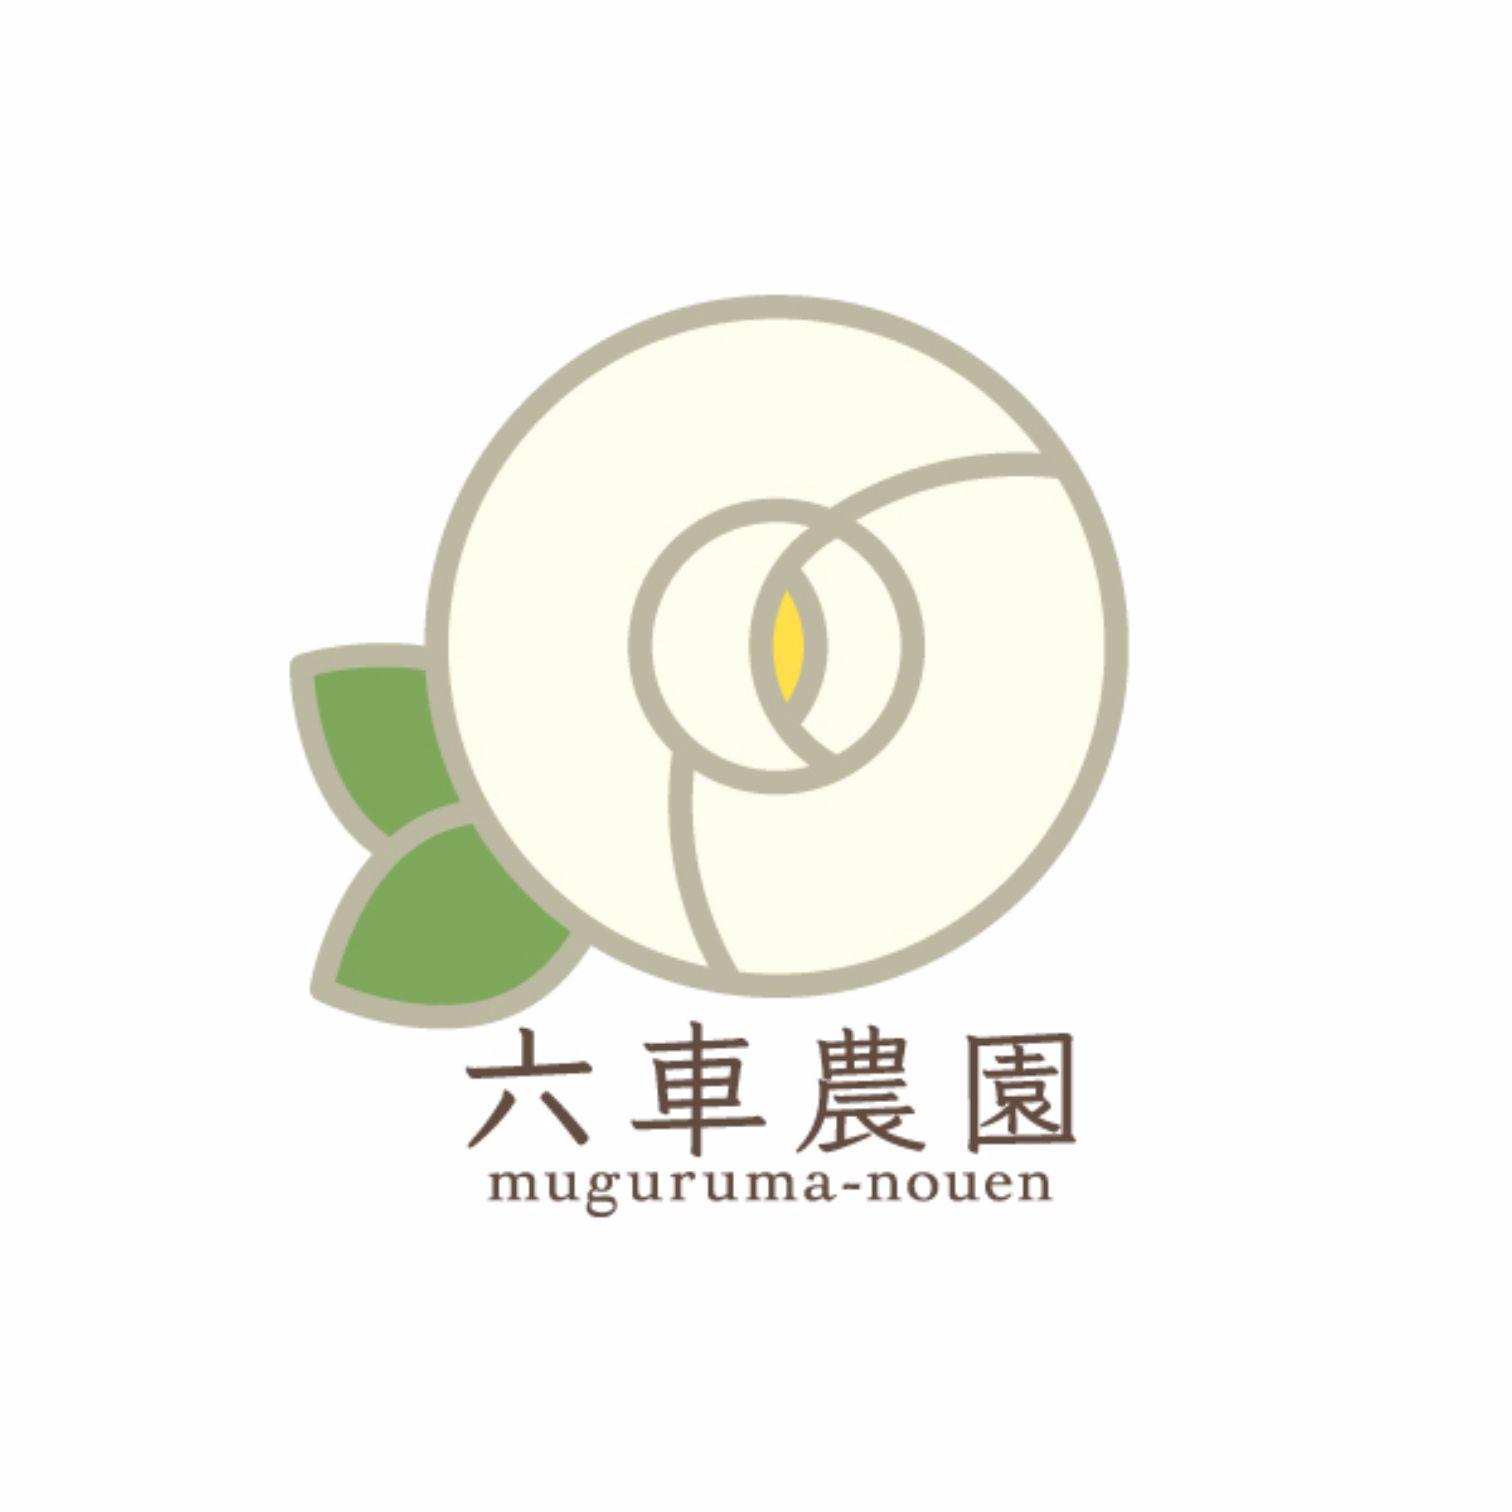 六車農園 ロゴデザイン